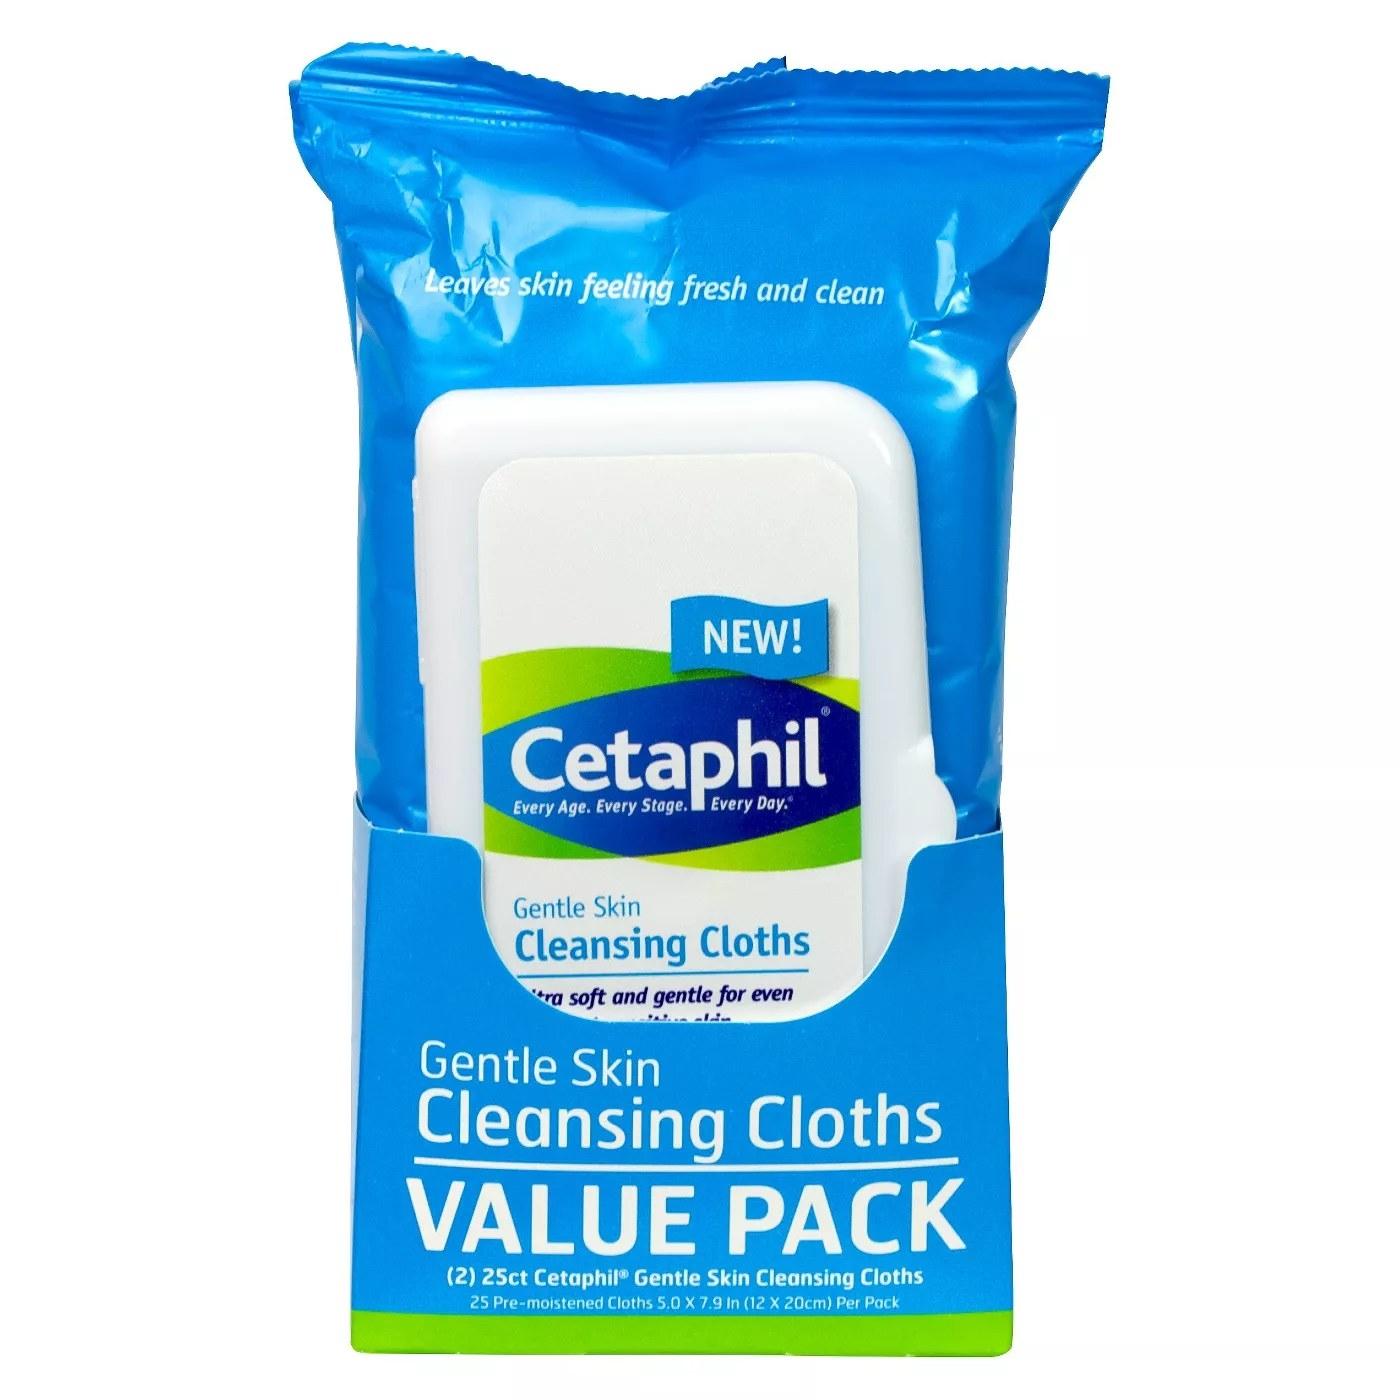 2 packs of 25 Cetaphil gentle skin cleansing cloths